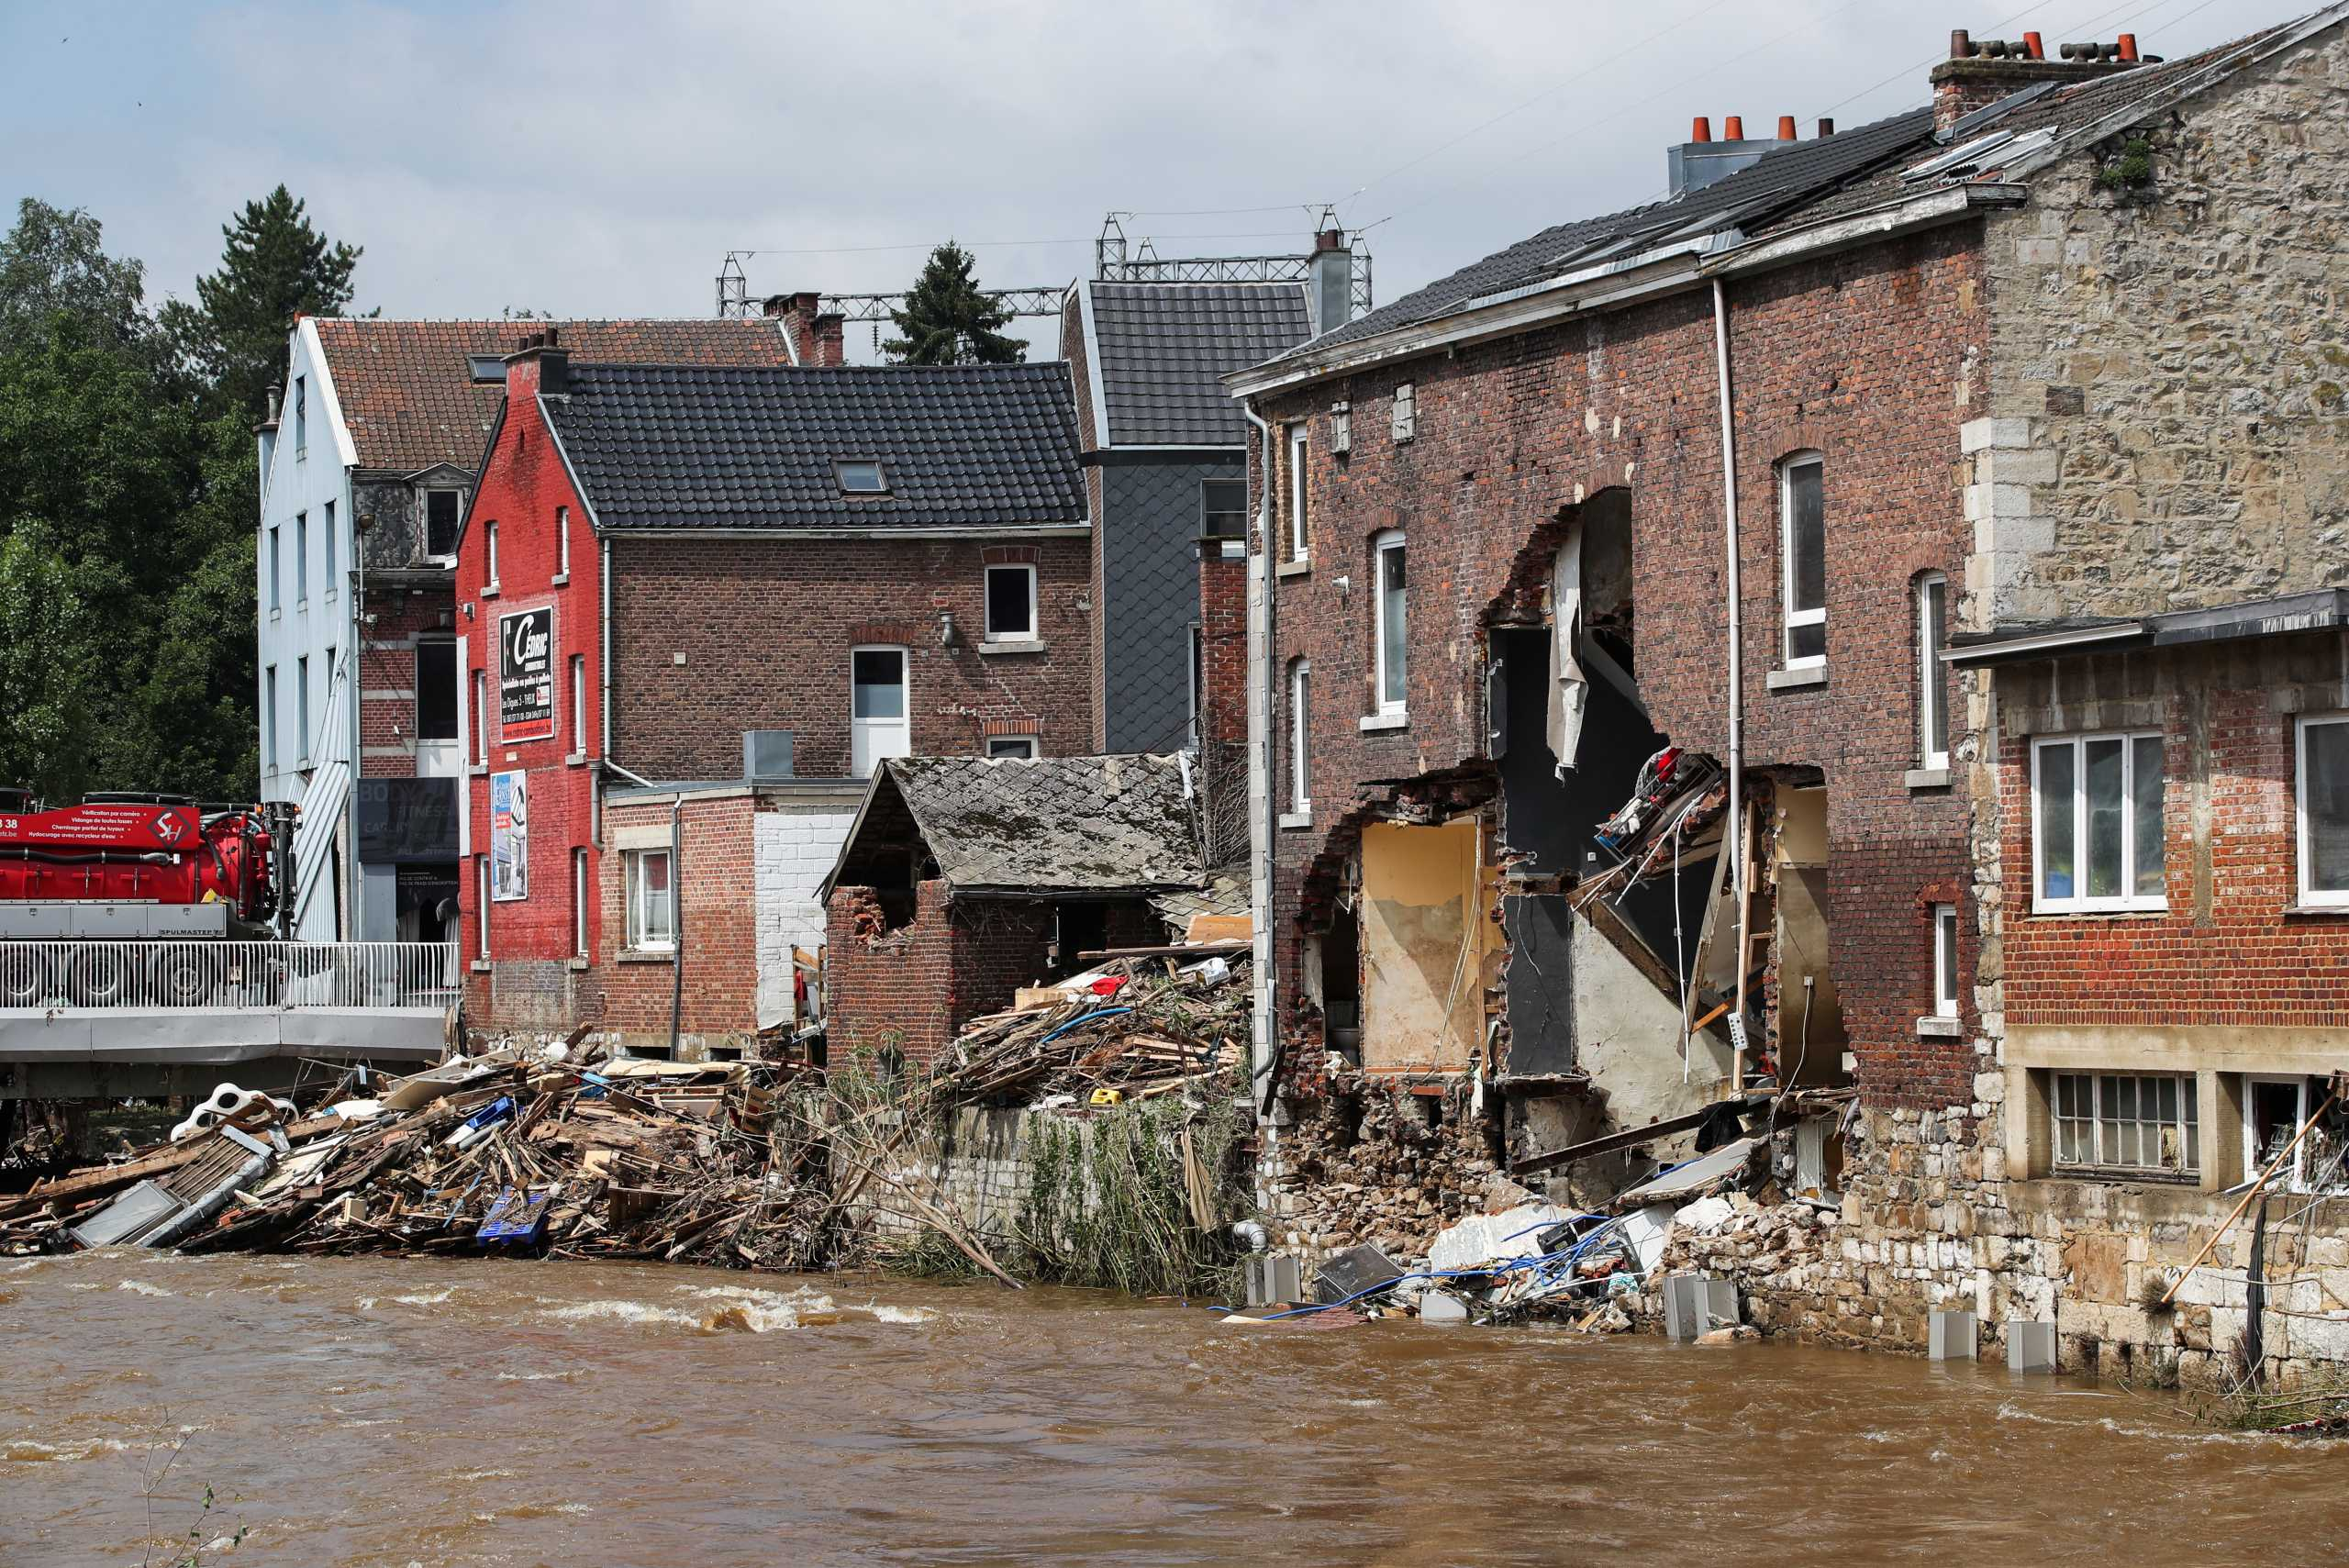 Γερμανία: Φόβοι για έξαρση του κορονοϊού μετά τις πλημμύρες